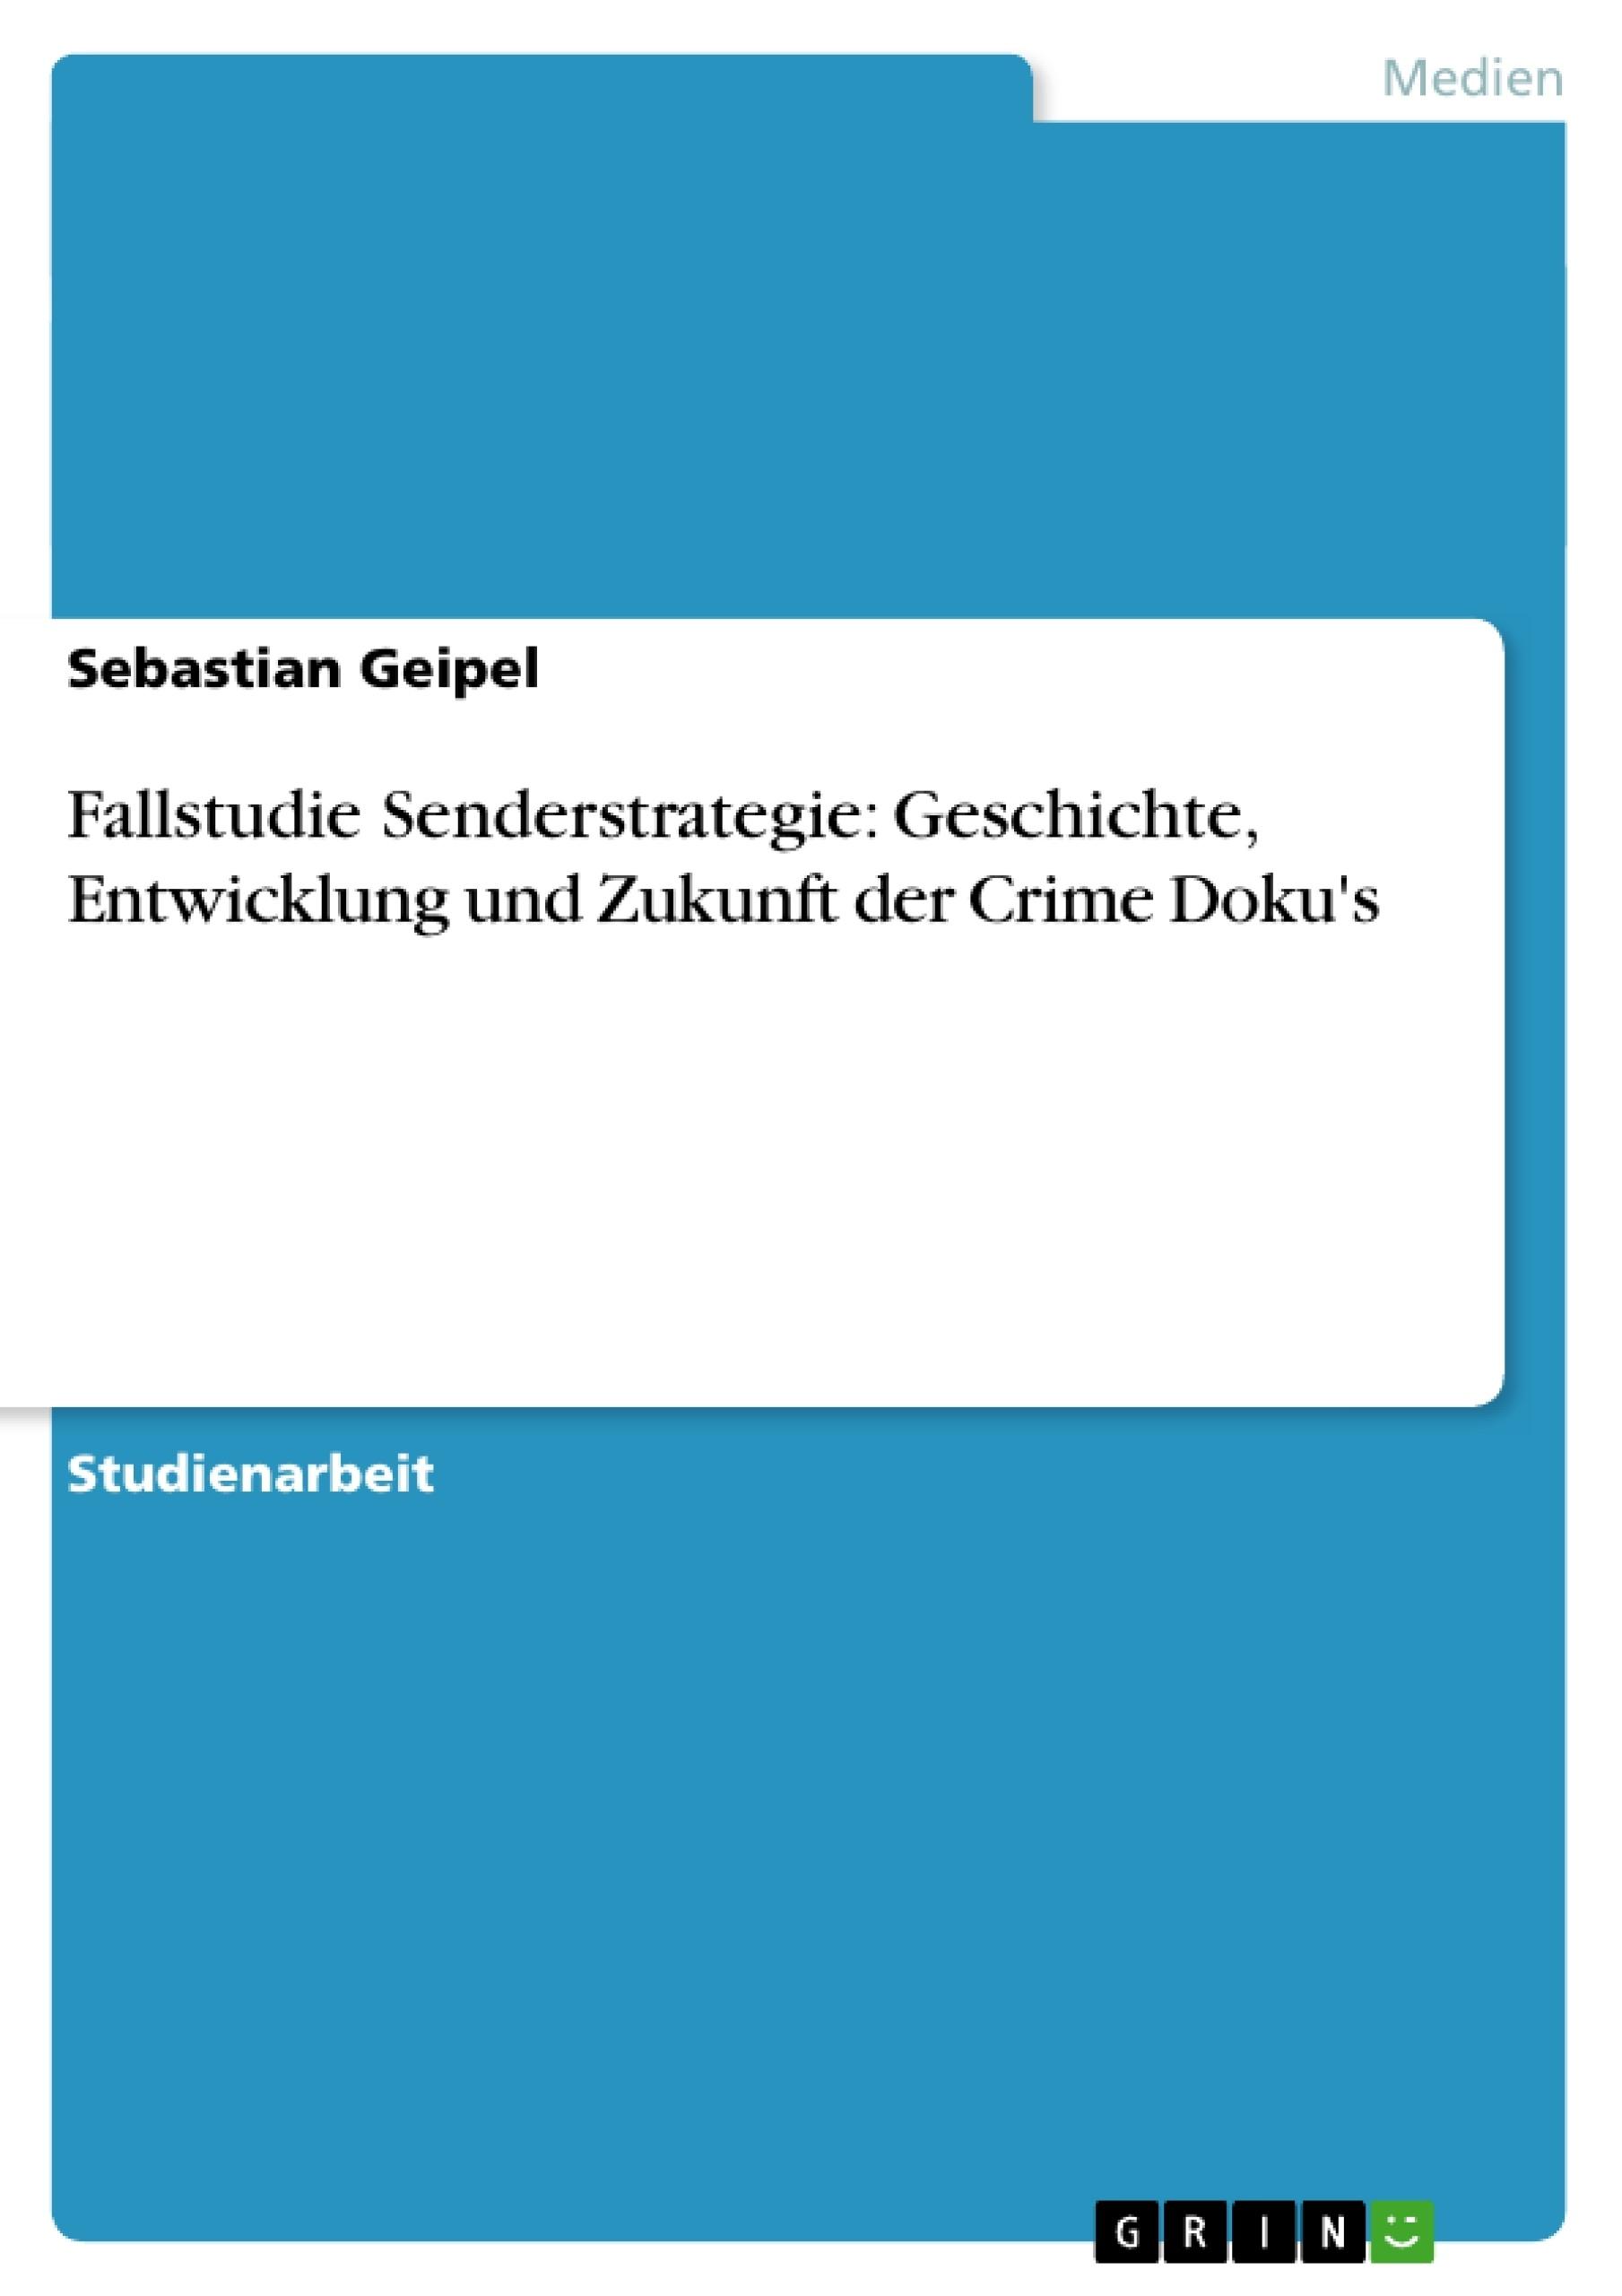 Titel: Fallstudie Senderstrategie: Geschichte, Entwicklung und Zukunft der Crime Doku's